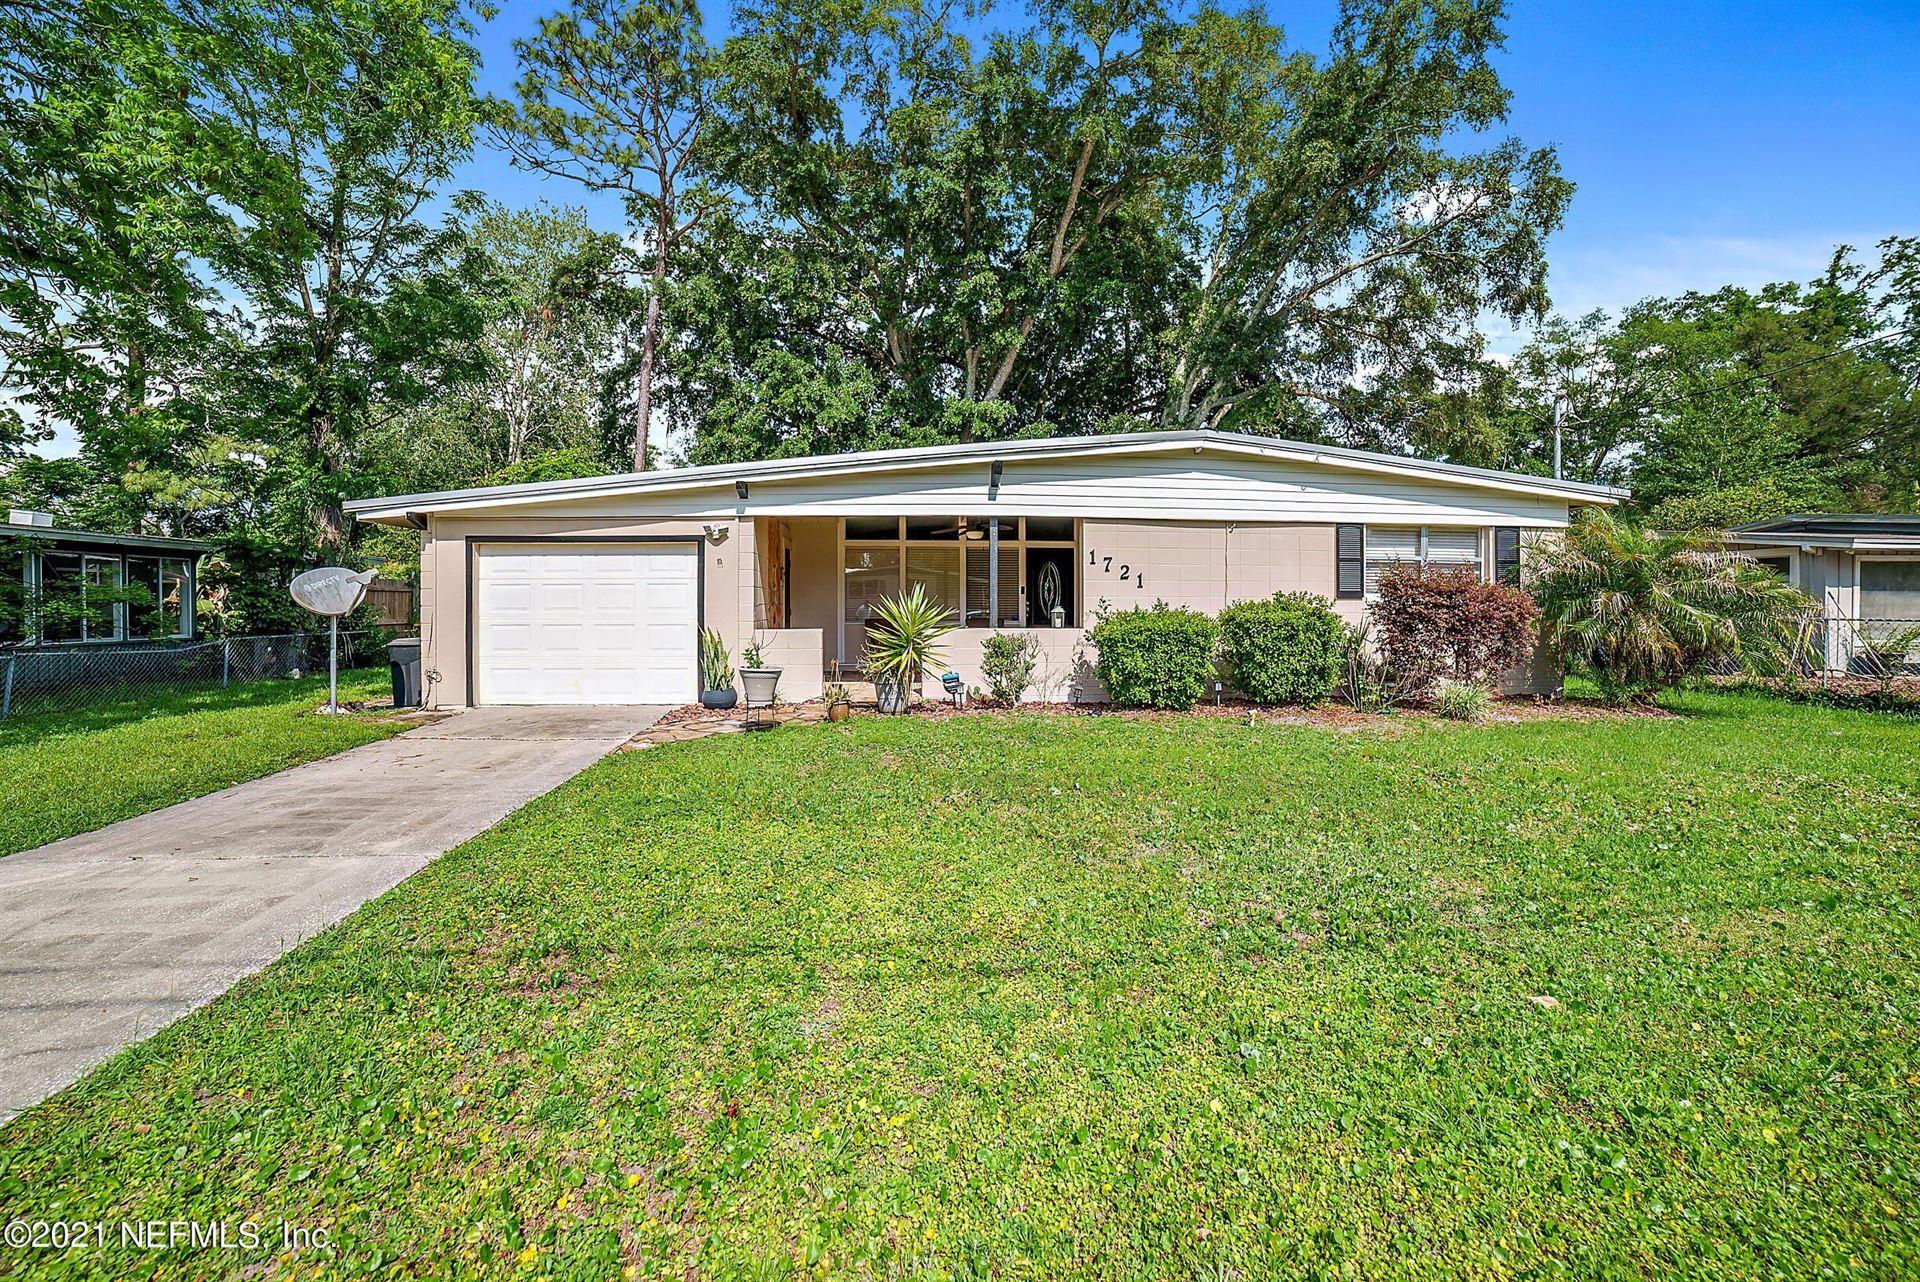 Photo of 1721 LE BOIS DR, JACKSONVILLE, FL 32221 (MLS # 1108737)